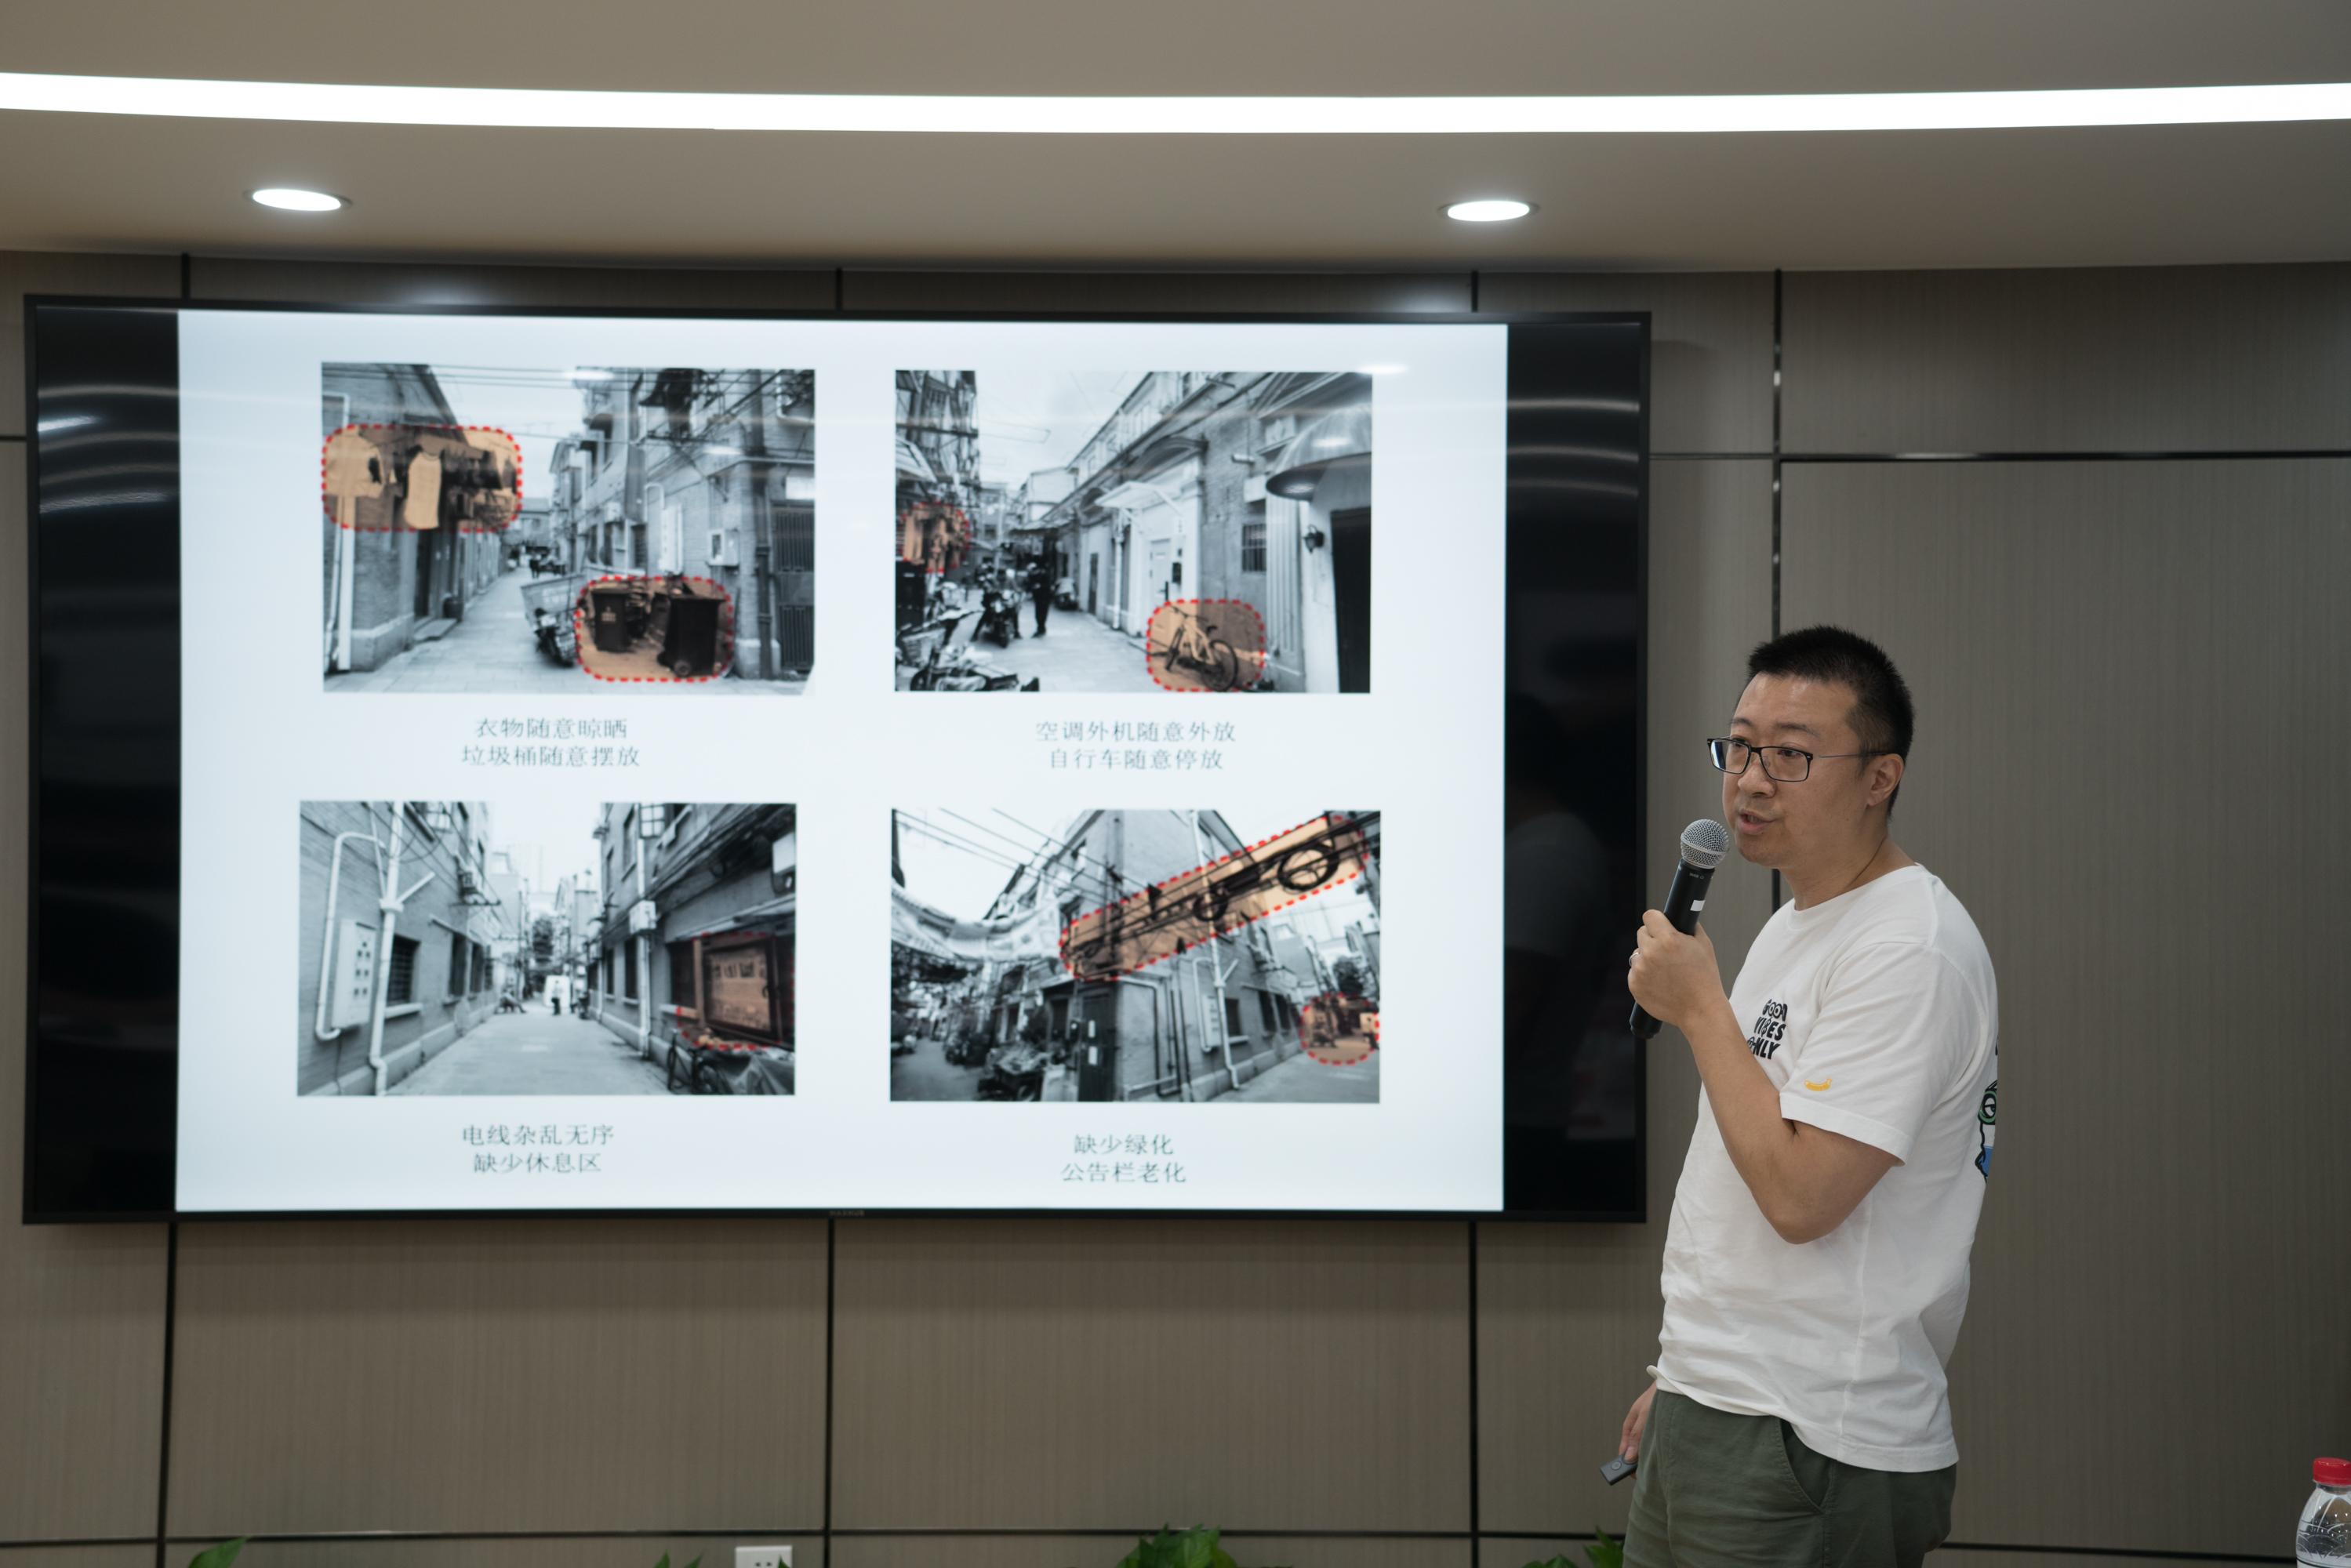 本义建筑正在汇报。团队成员:王青、李梁;组长:王青。